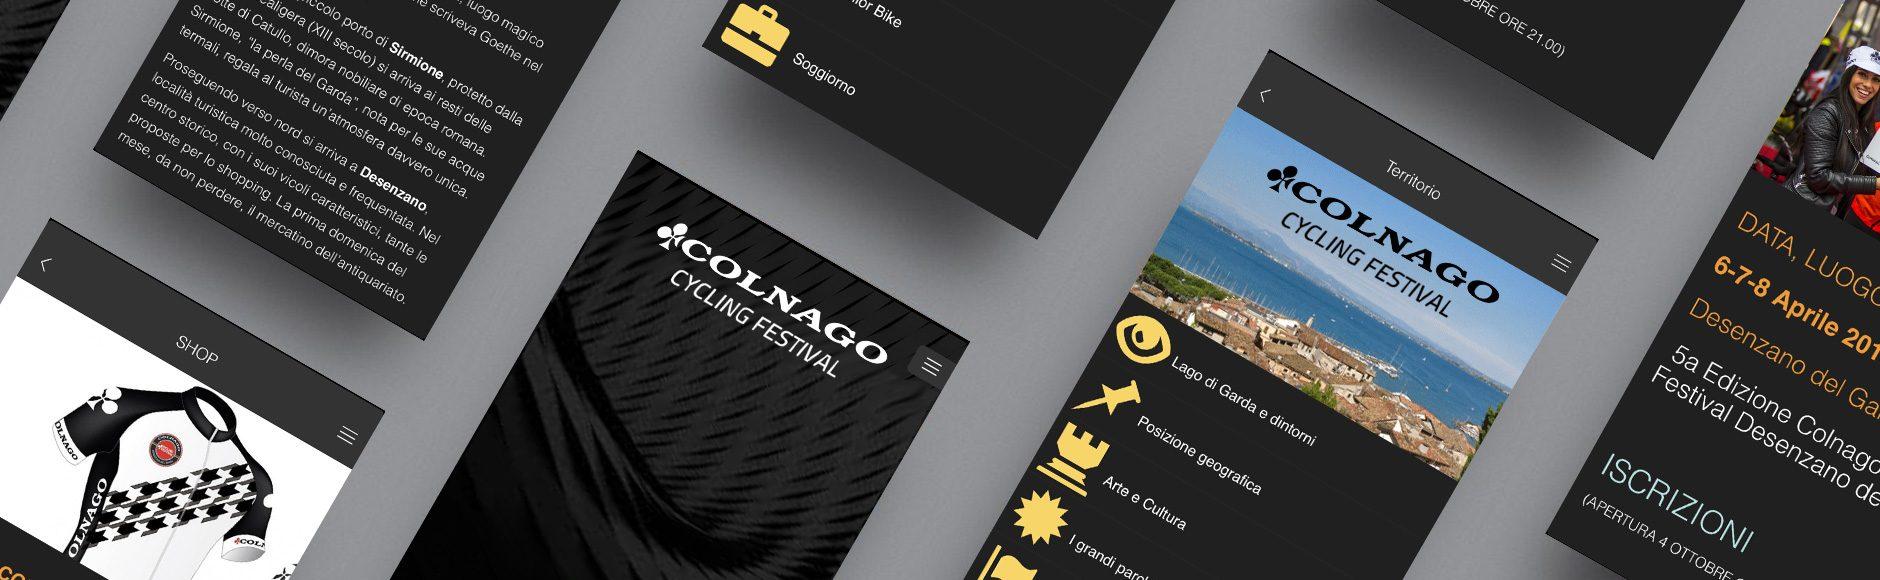 portfolio-colnagocyclingfestival-top